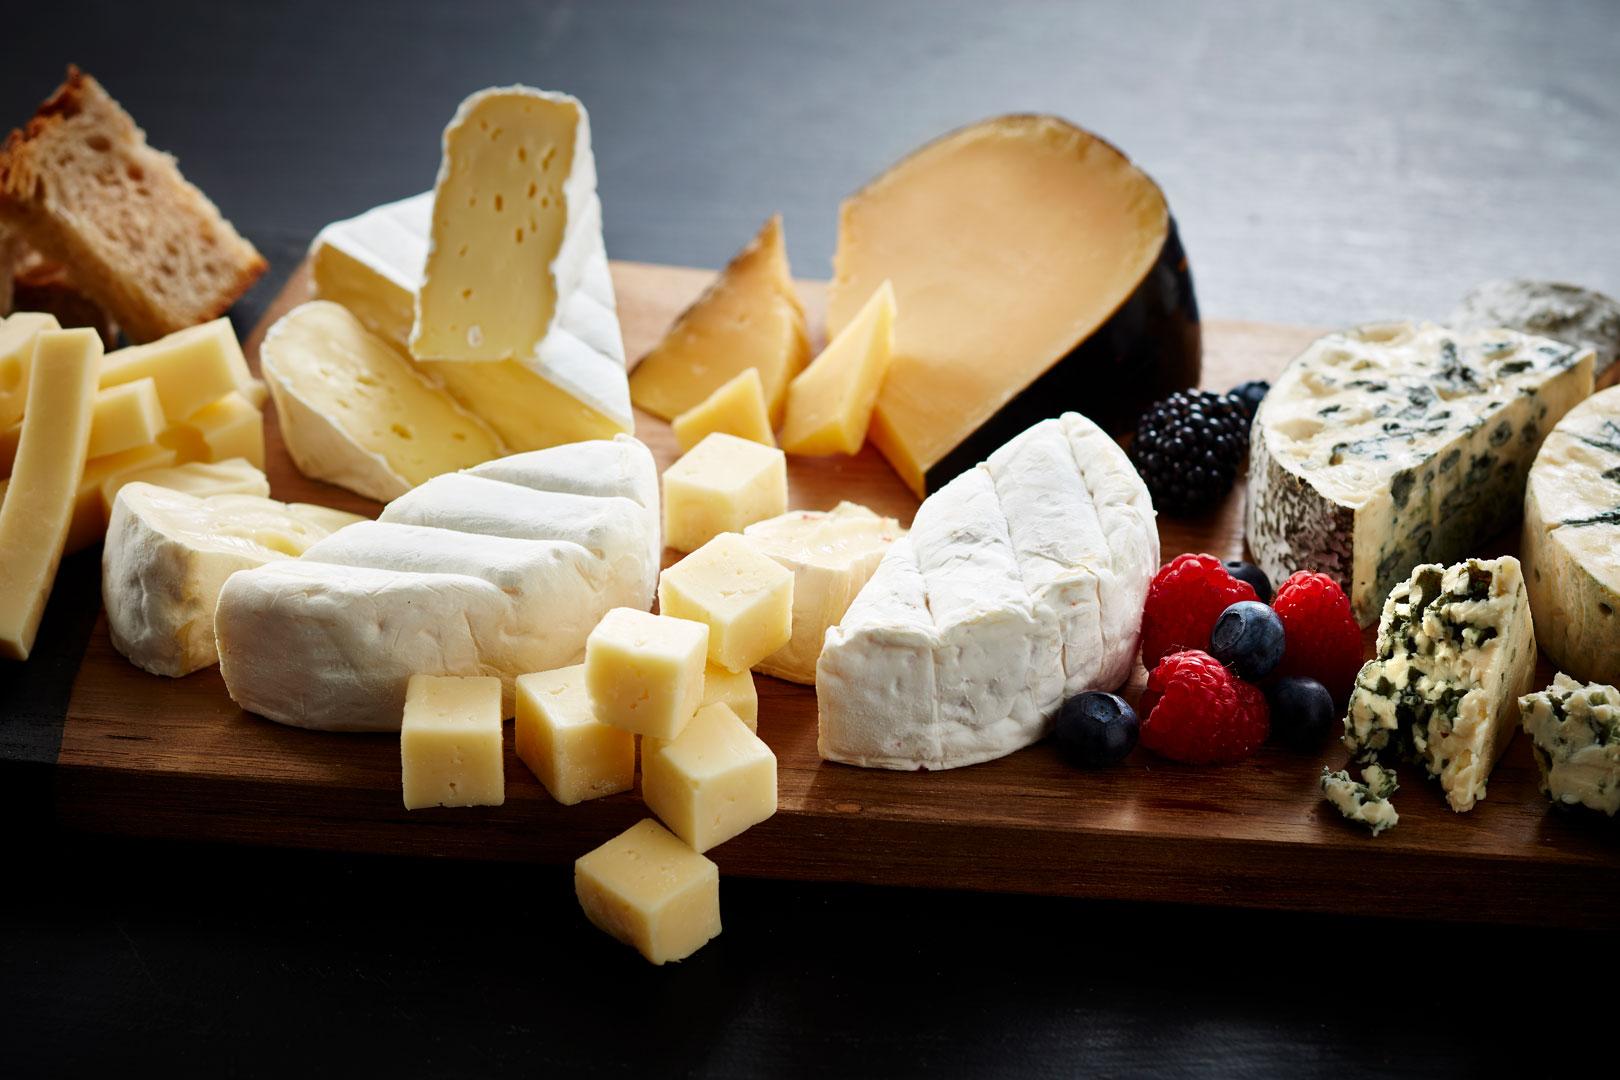 лучшие выдержанные сорта сыра фото появление